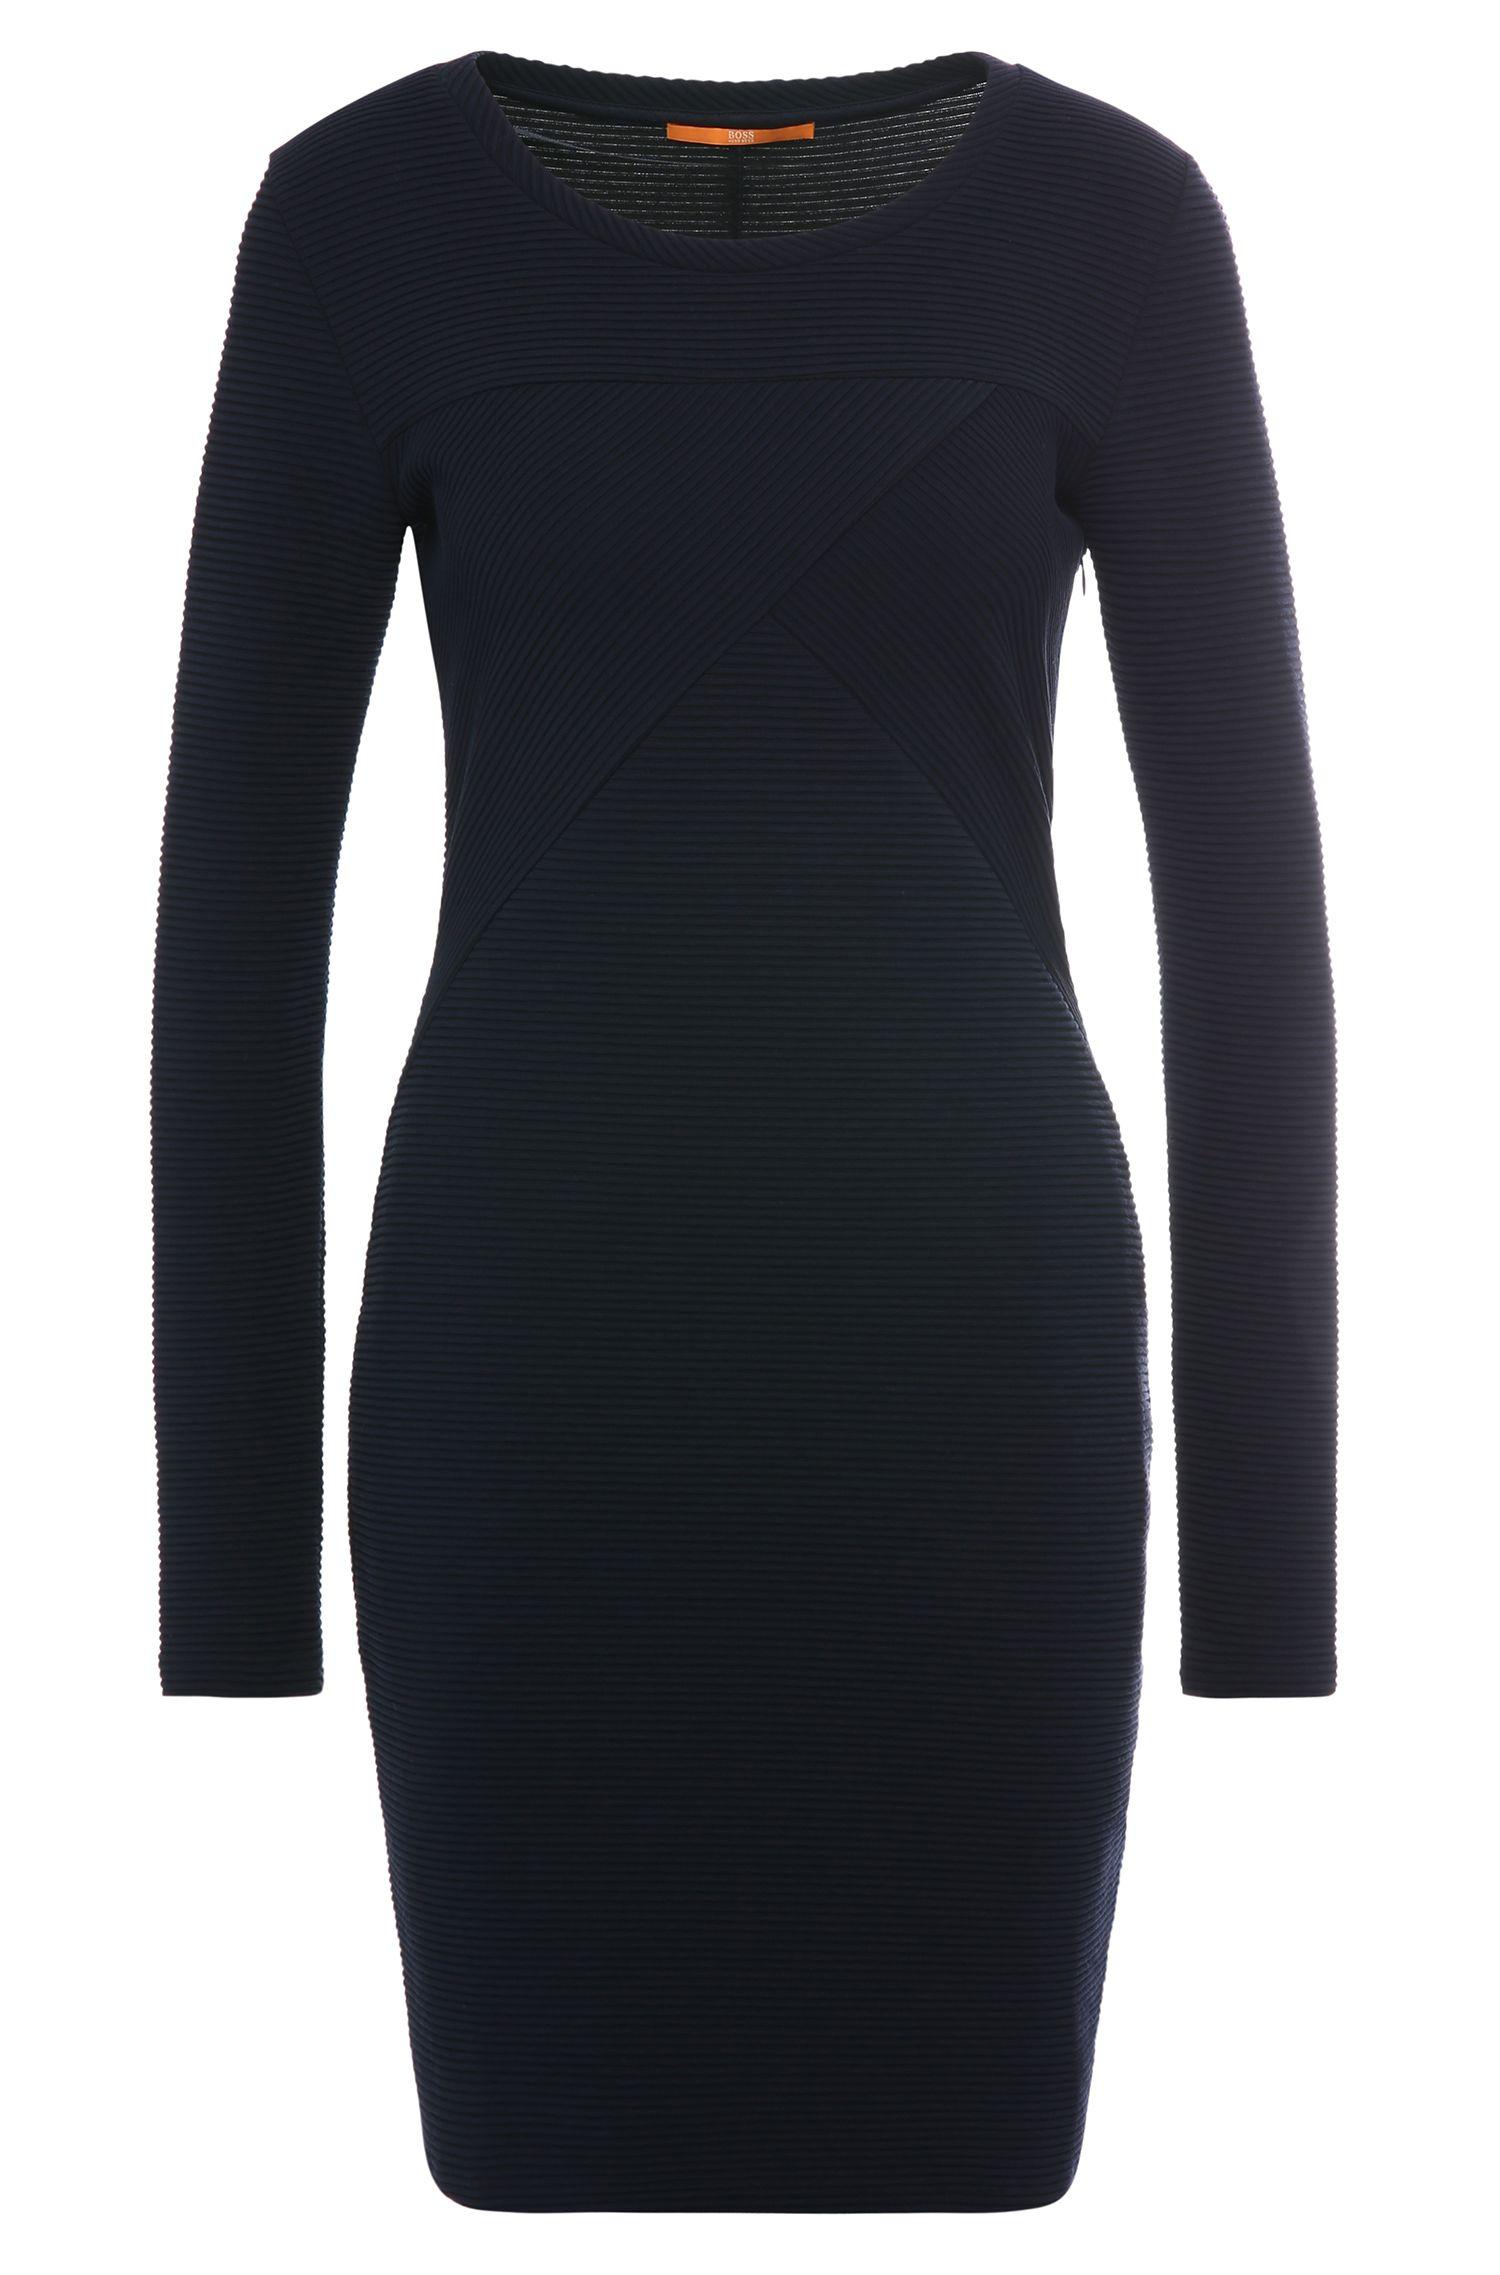 Vestido slim fit con textura en mezcla de algodón elástico: 'Derbody'